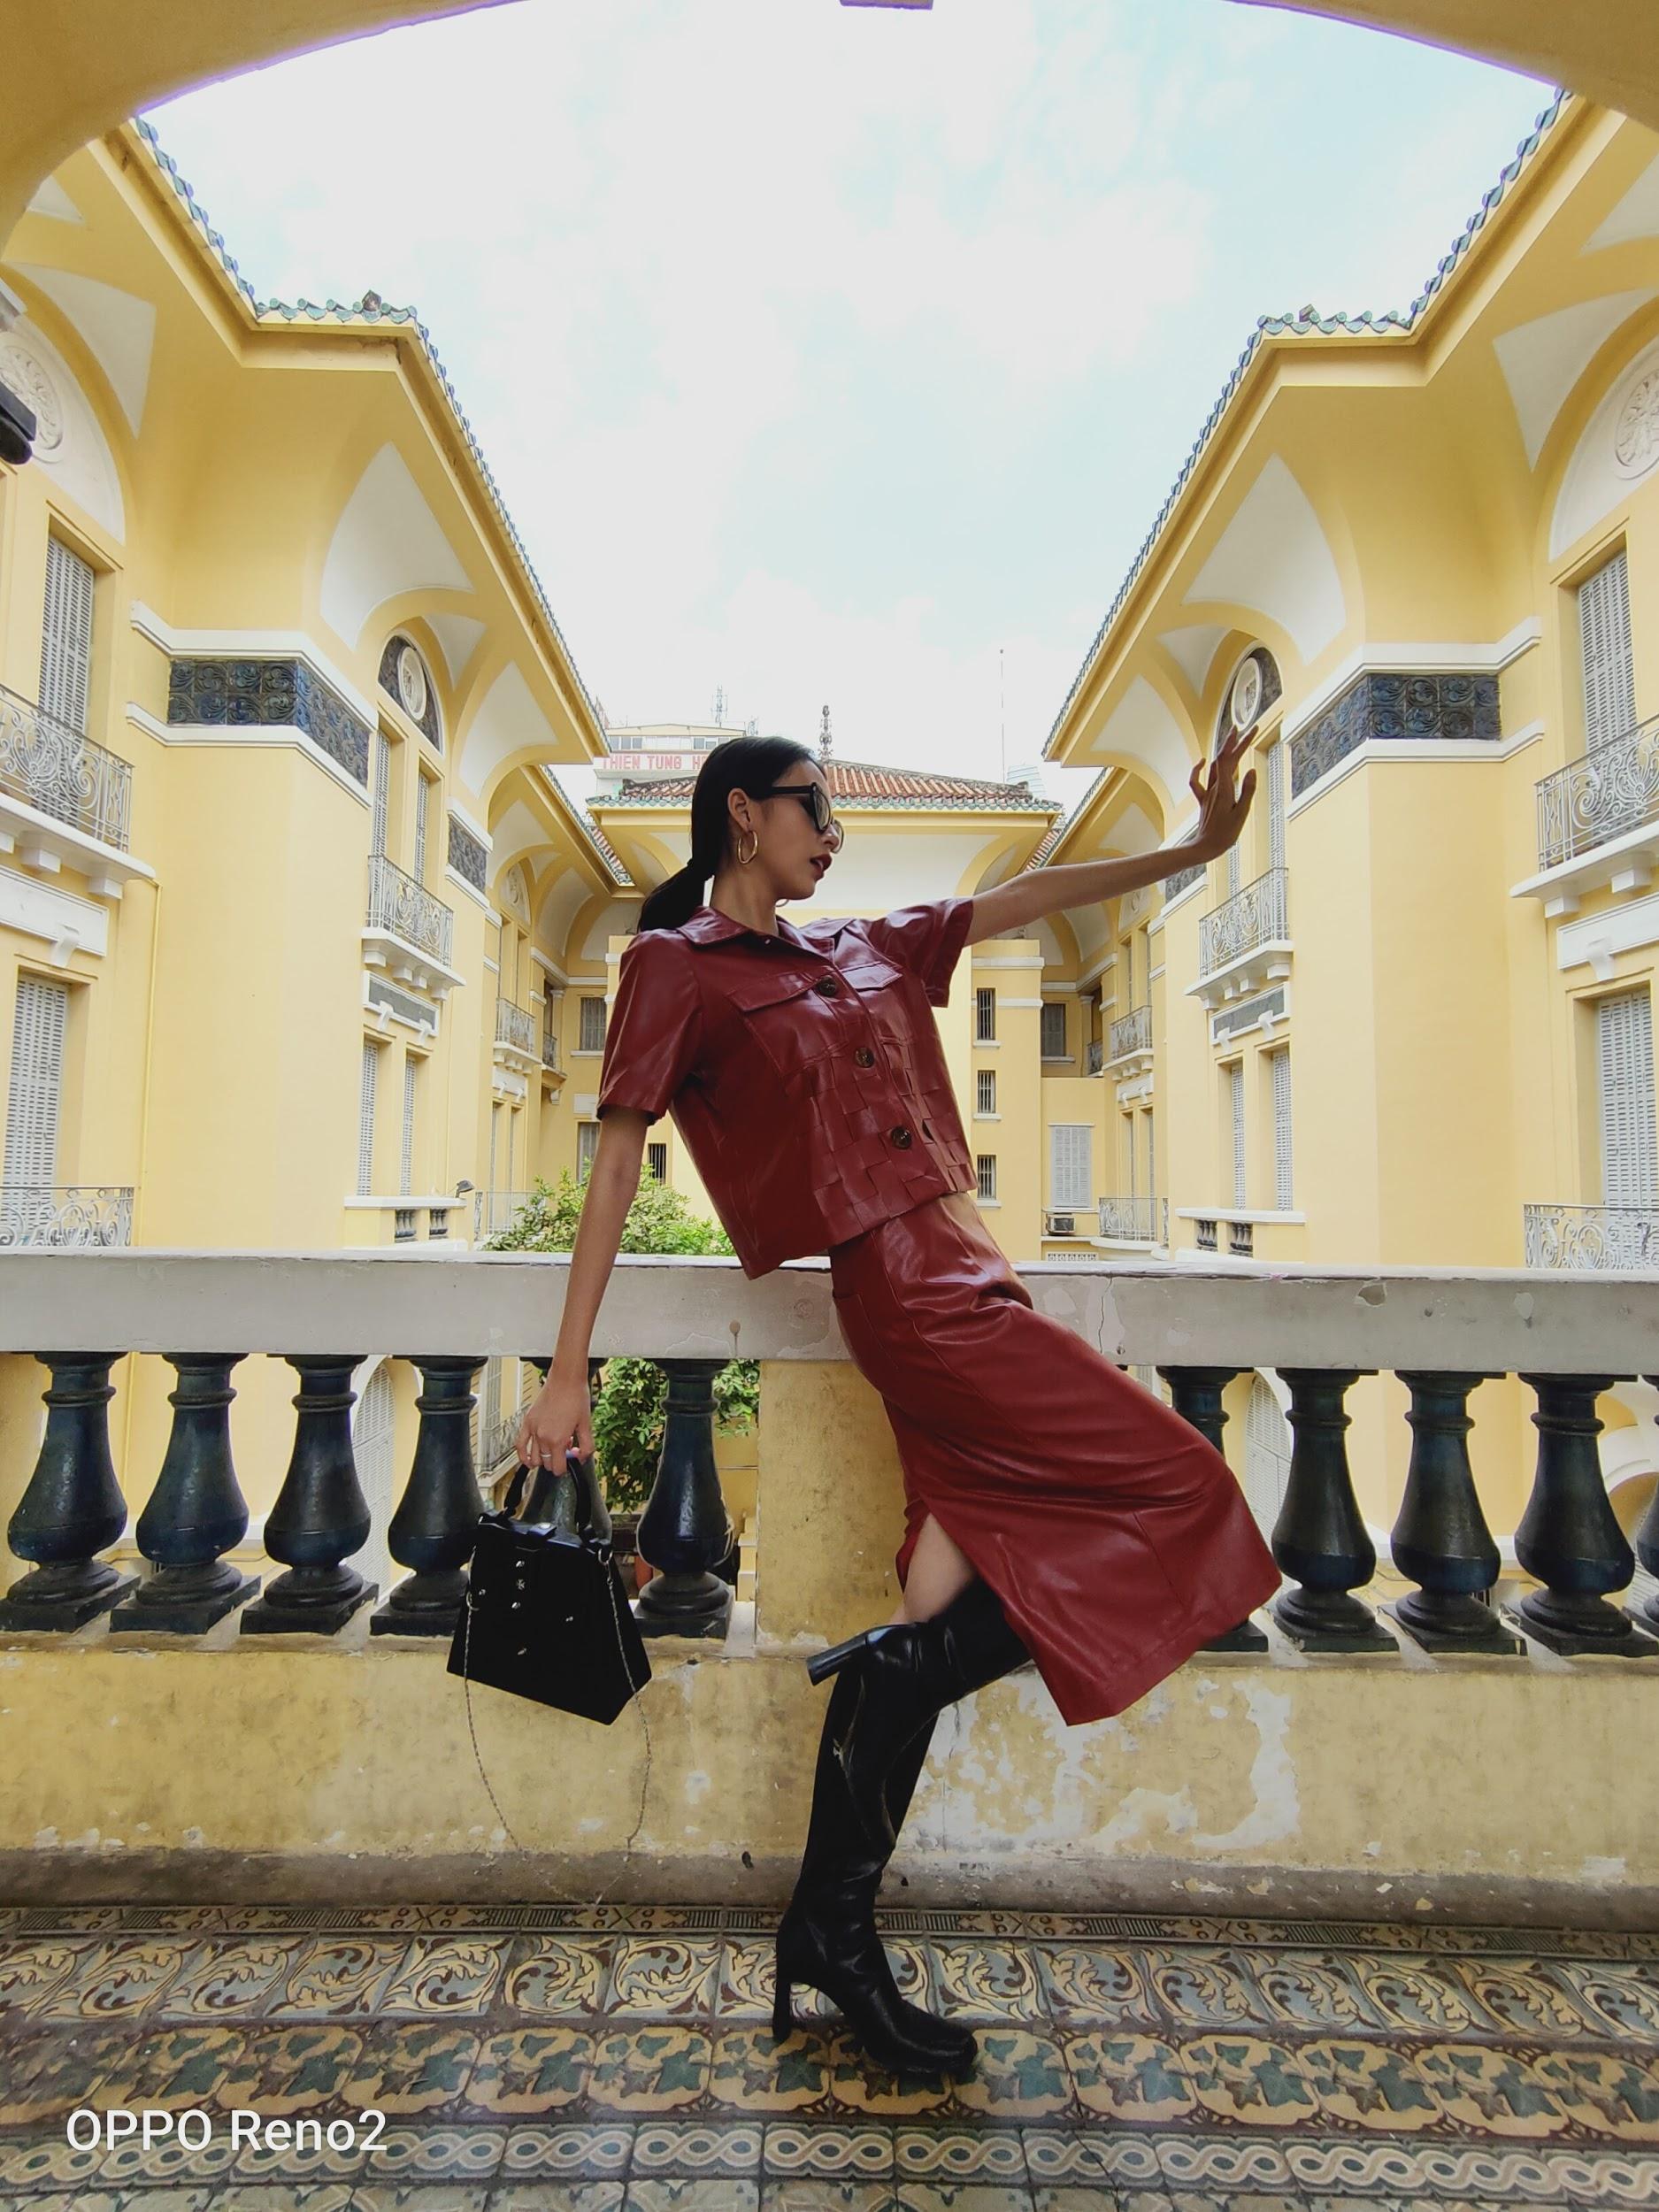 Cảnh quen Hà Nội - Sài Gòn bỗng chốc hóa đẹp lạ qua ống kính của An Japan, Phí Phương Anh - Ảnh 2.